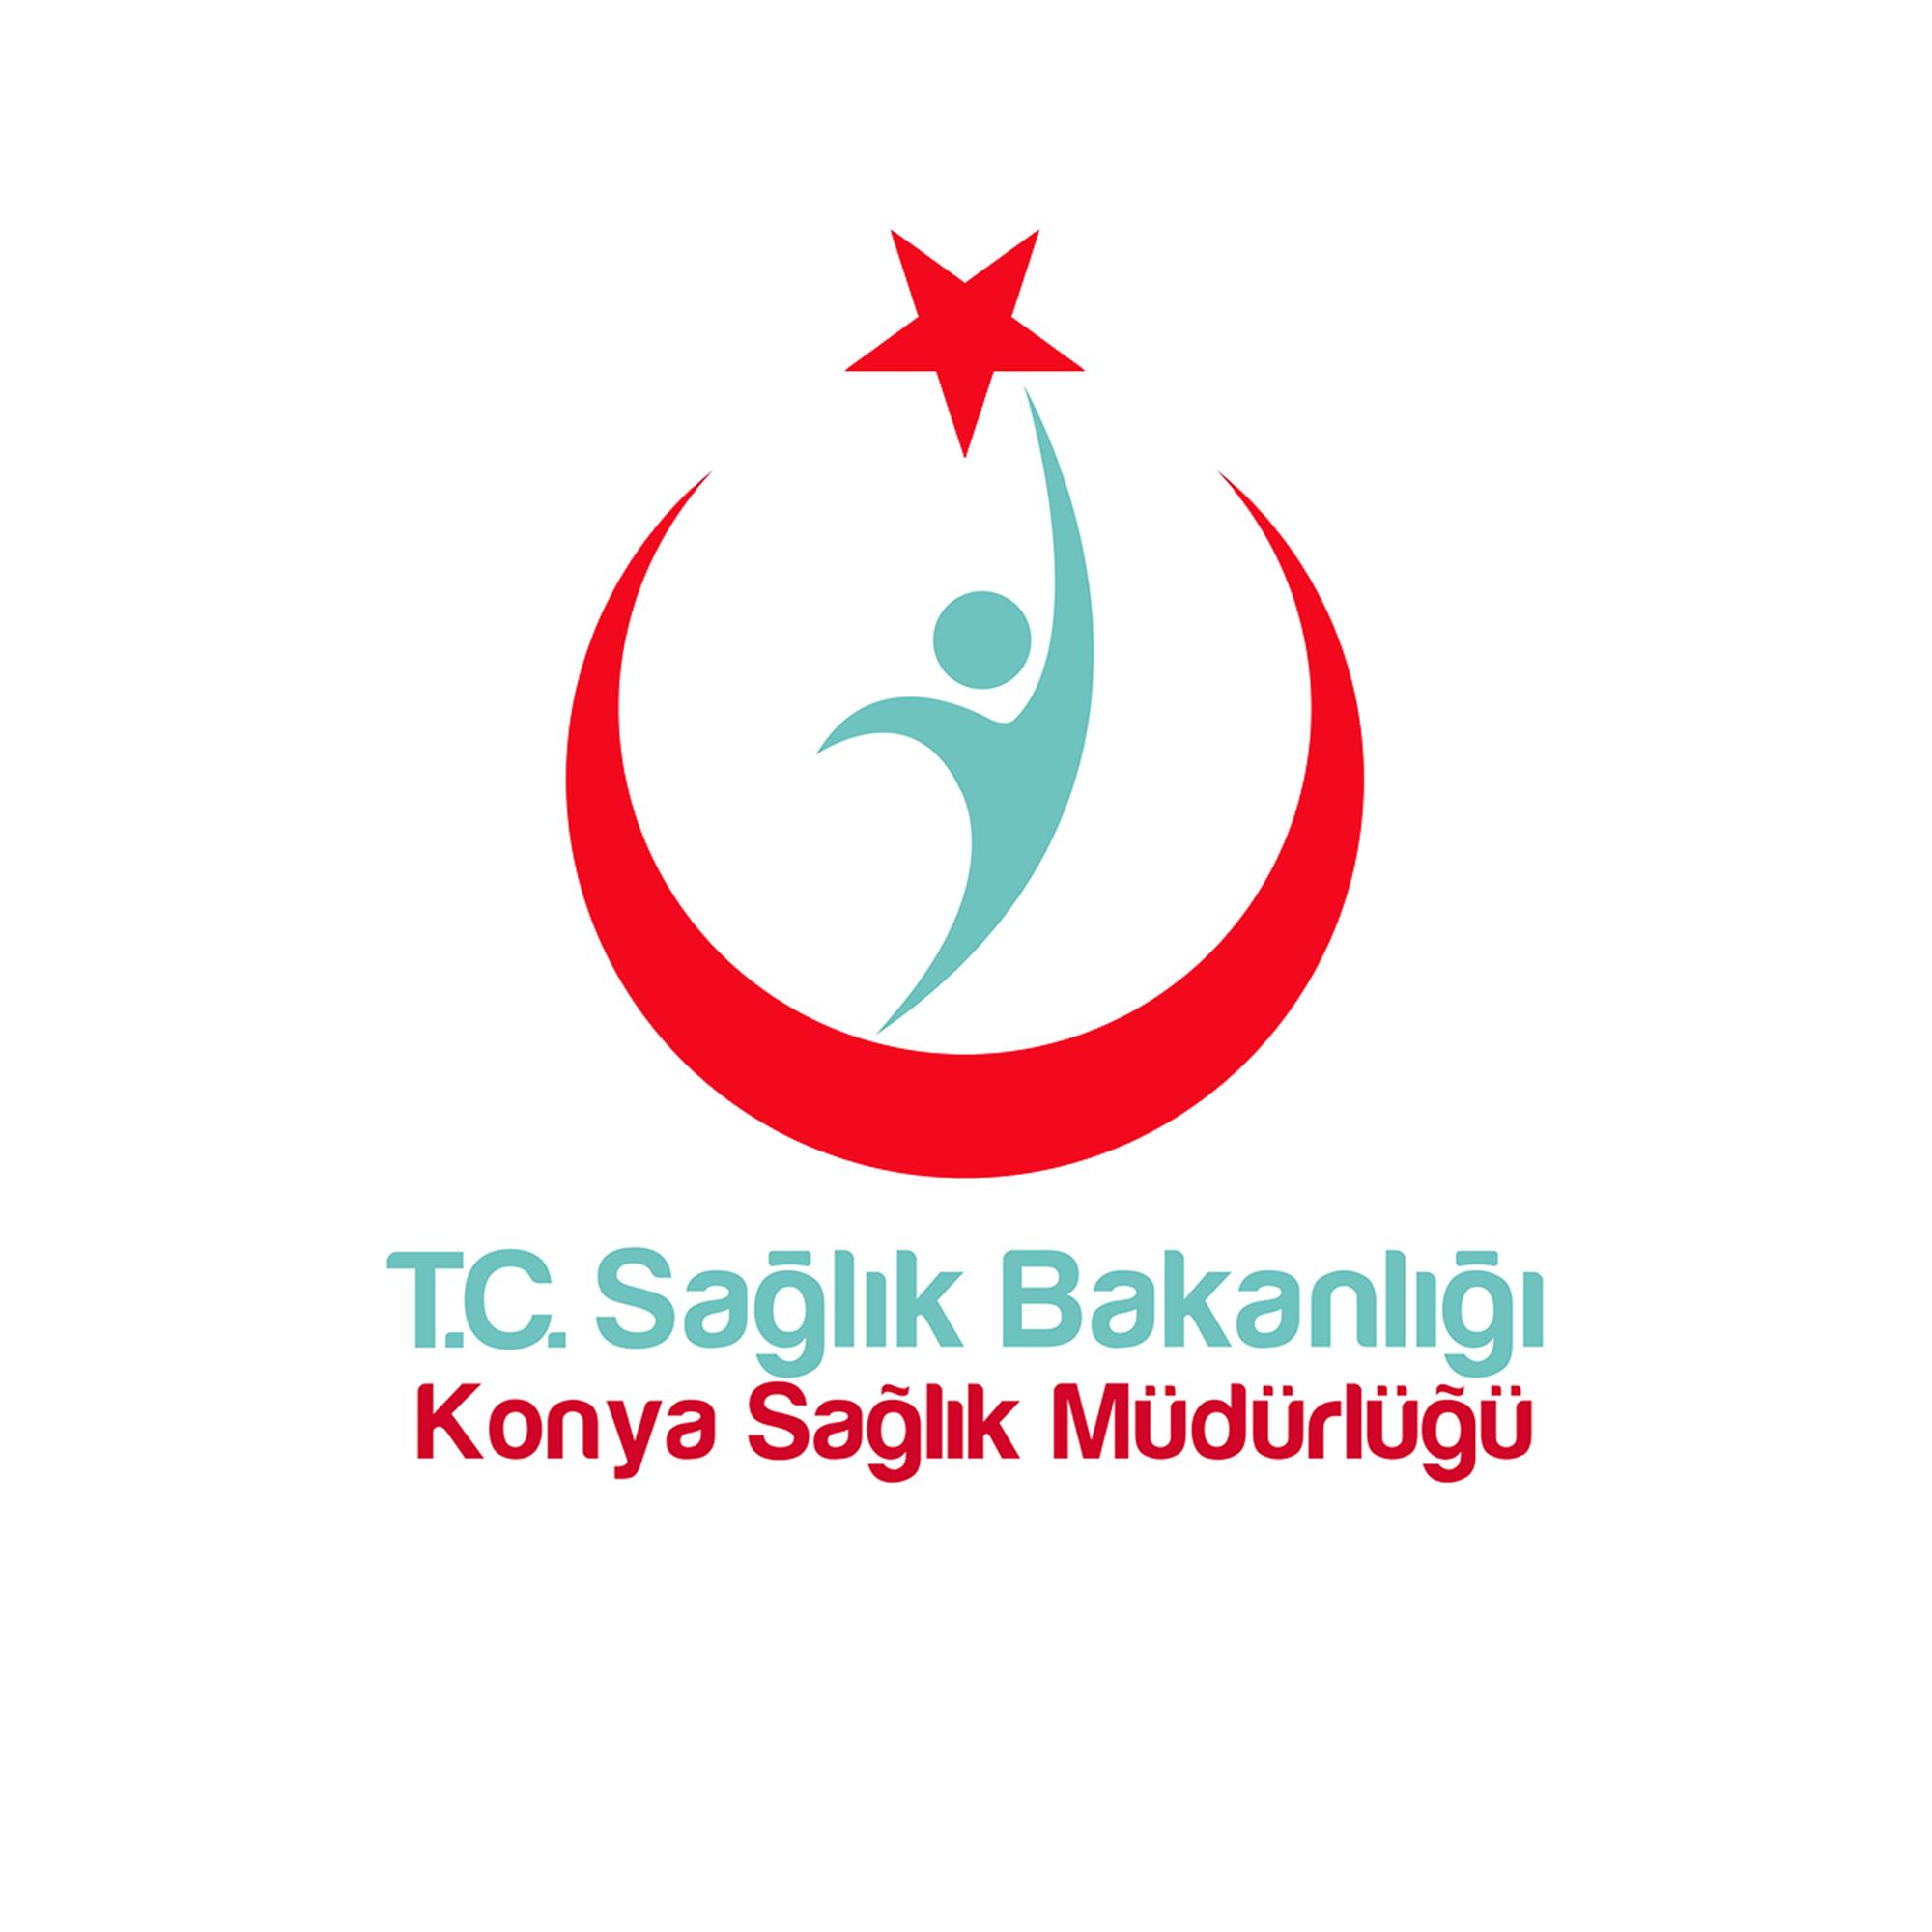 Konya Sağlık Bakanlığı